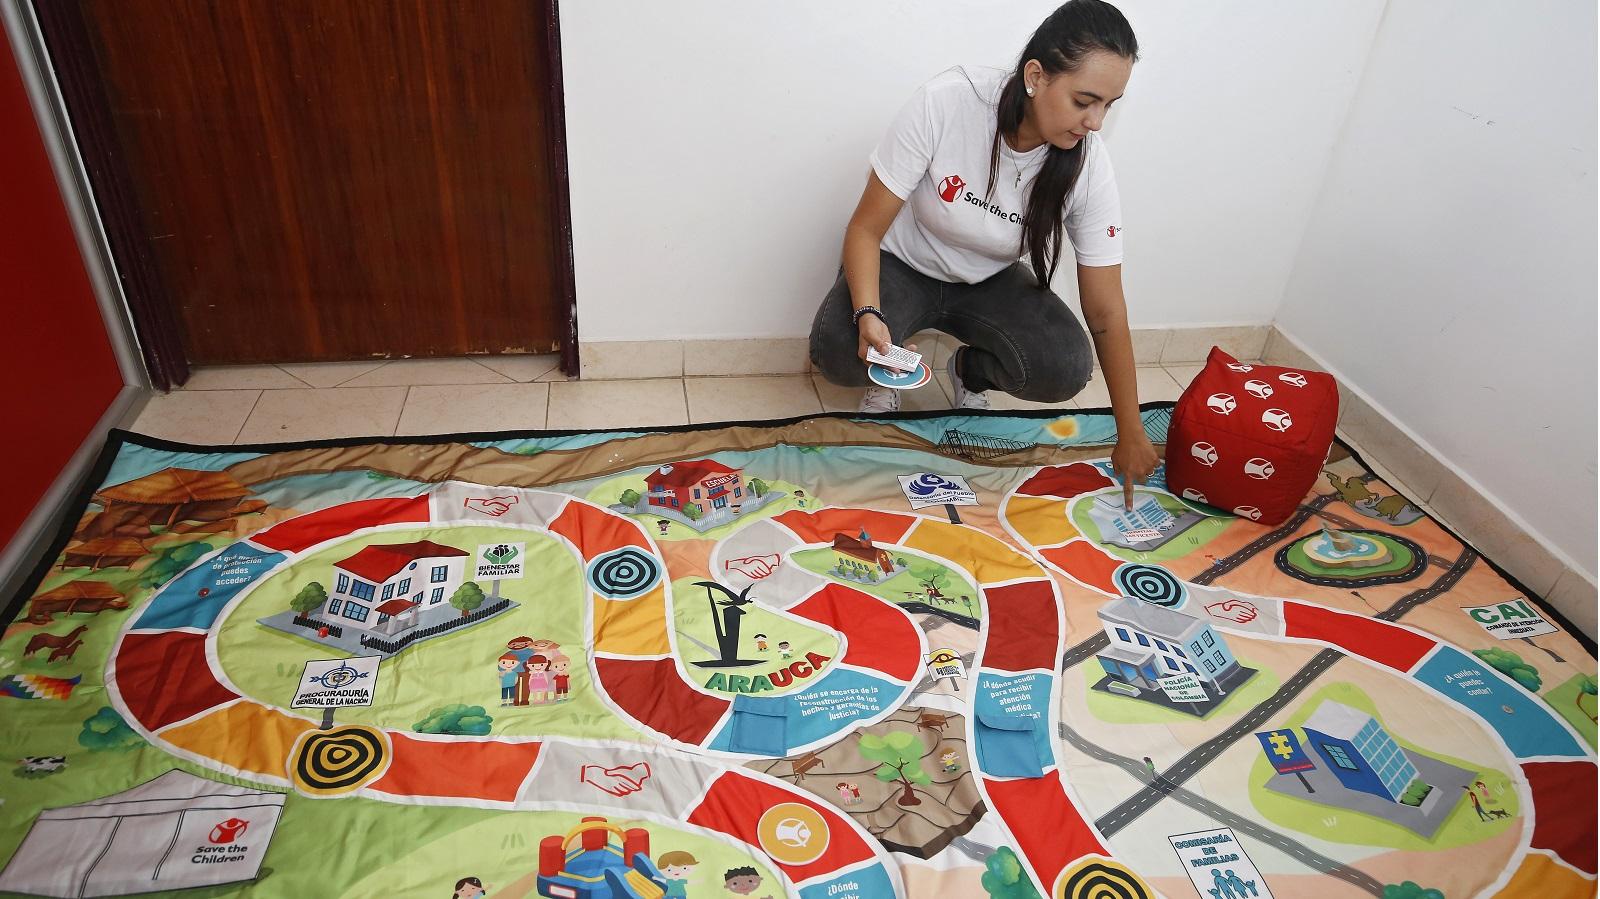 Jugar para salvar vidas: la estrategia para proteger a los niños en Arauca